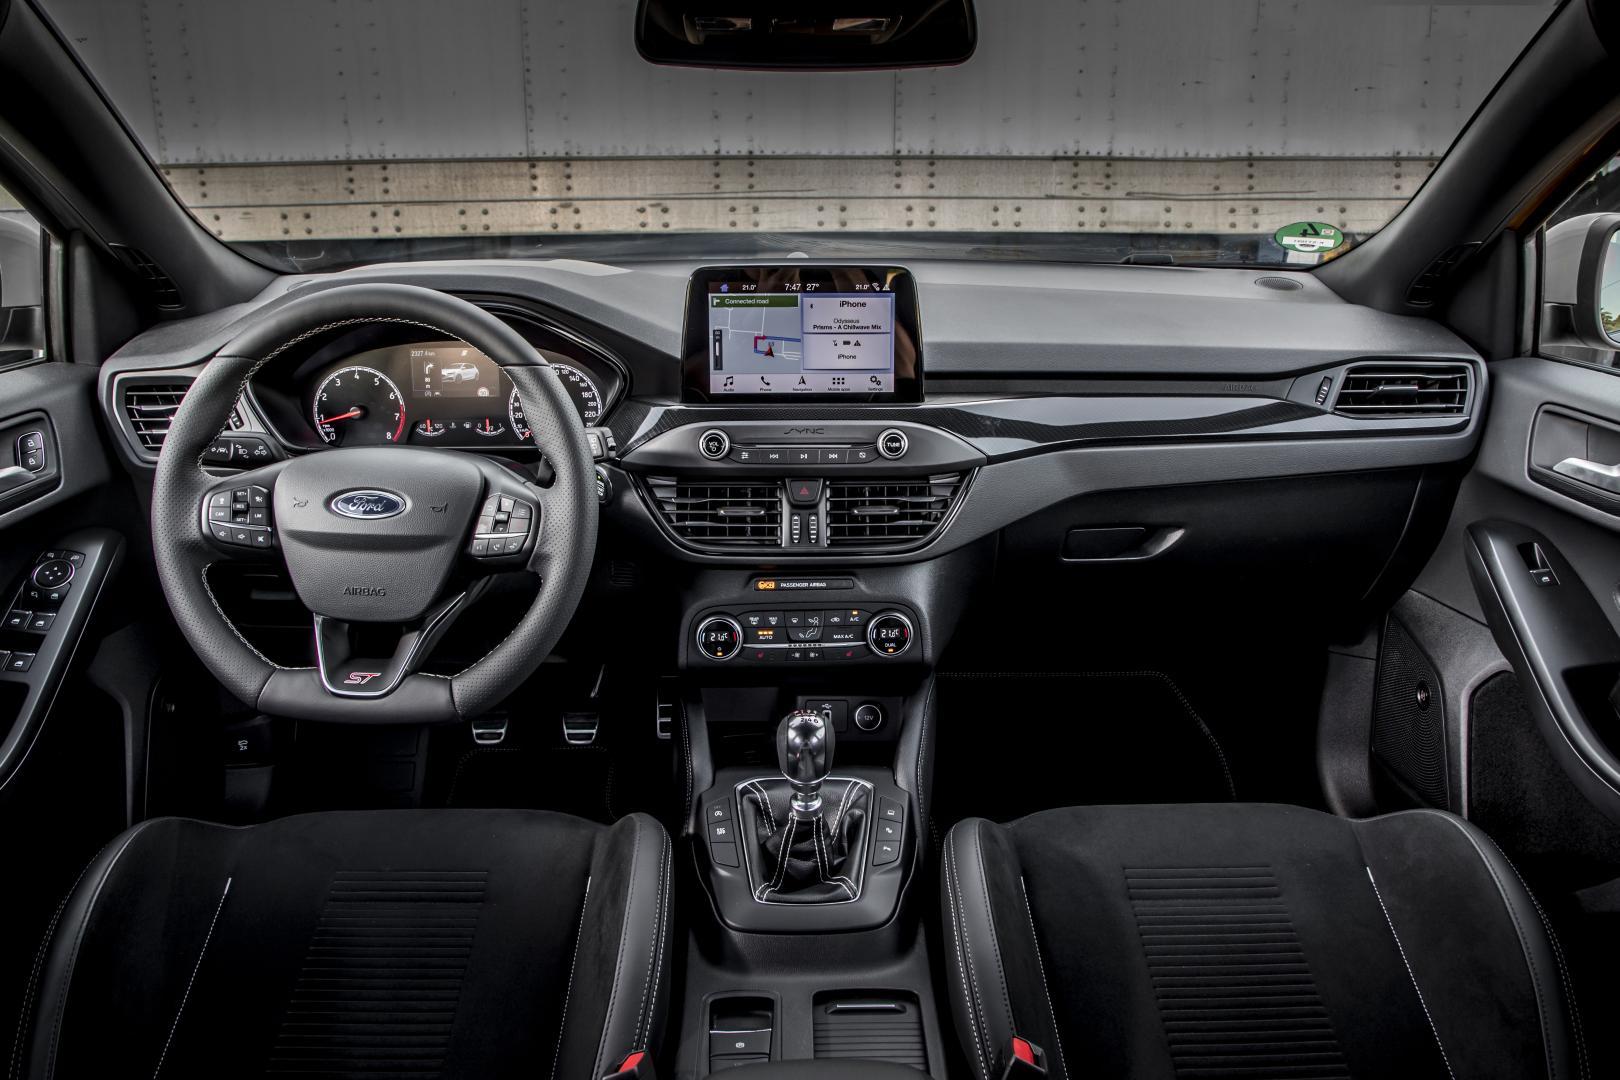 Ford Focus ST 2019 dashboard interieur